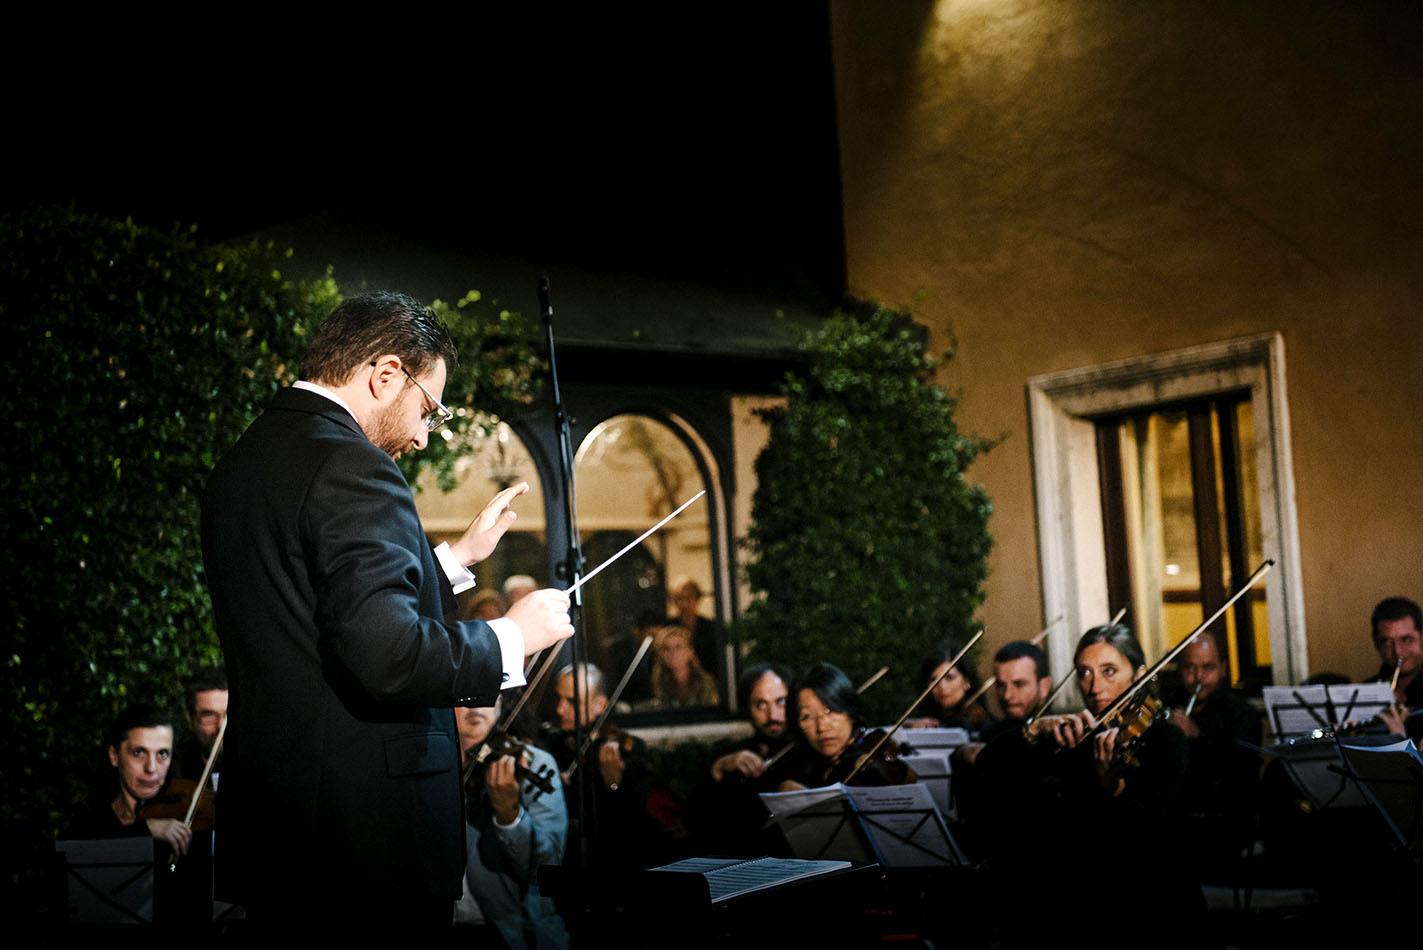 Andrea Montepaone concerto all'aperto